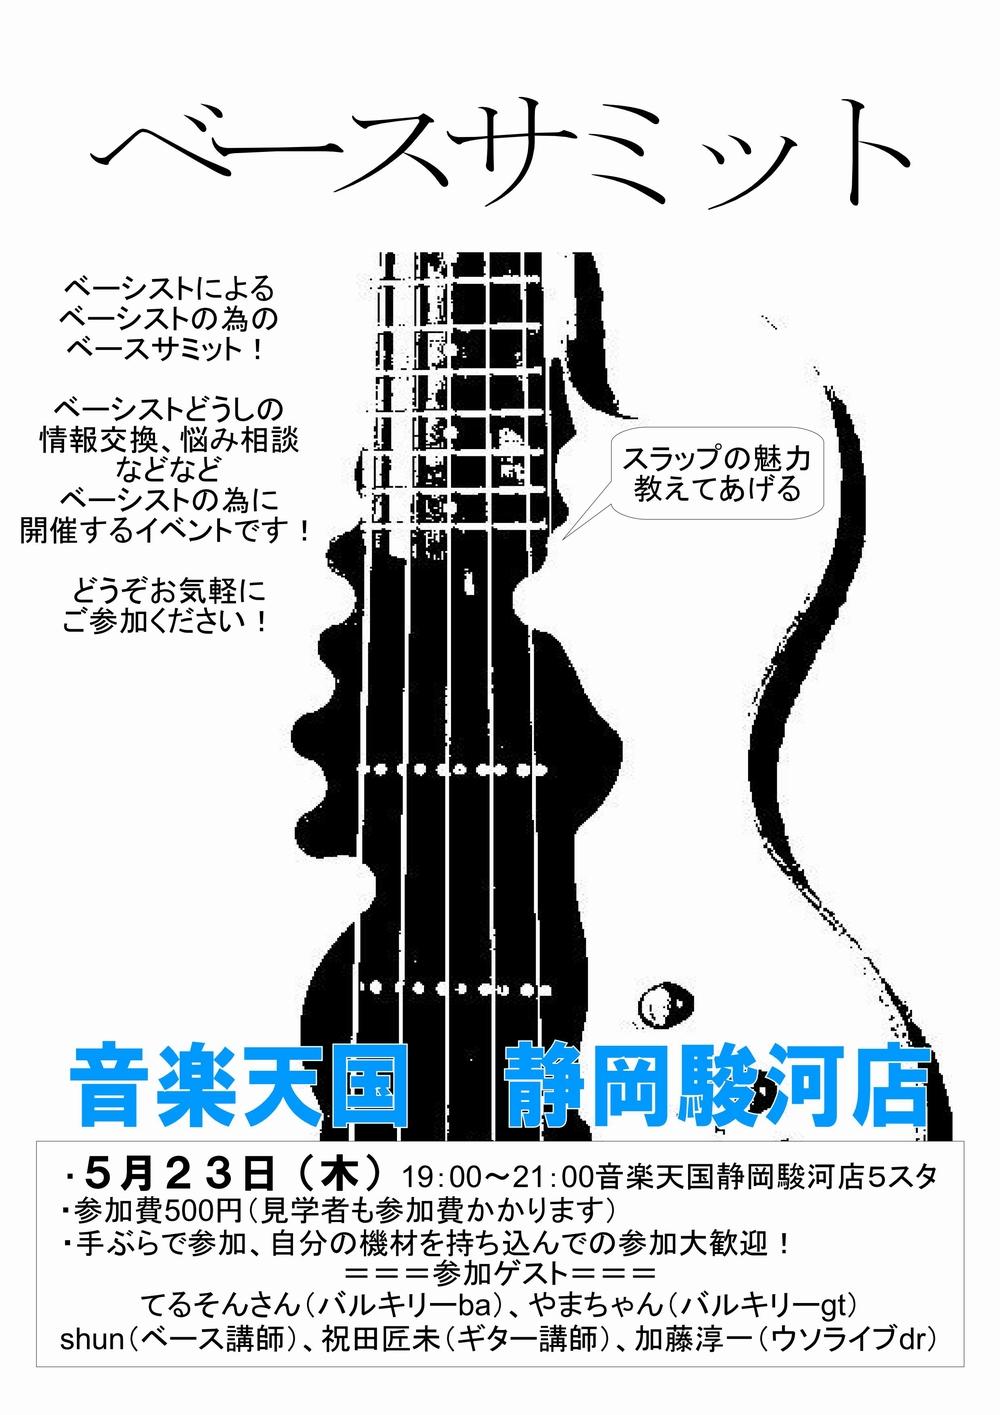 ベースサミット@静岡駿河店5月23日(木)初開催!